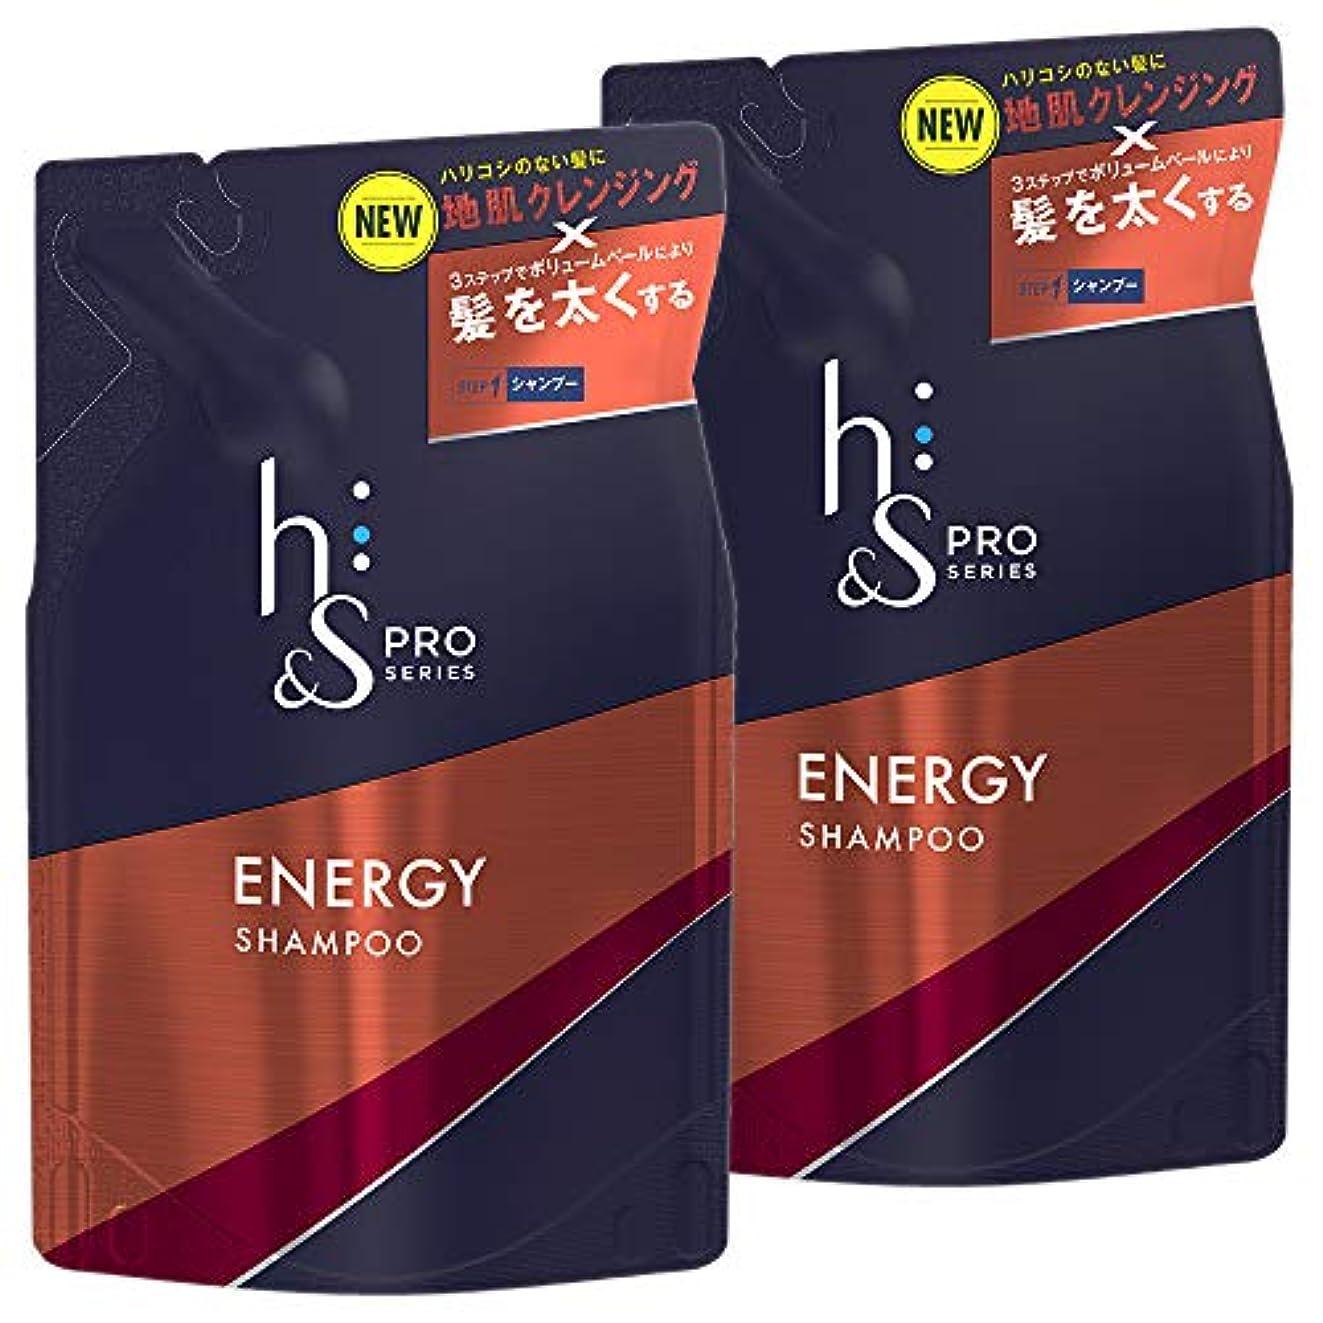 盆民主党お祝い【まとめ買い】 h&s for men シャンプー PRO Series エナジー 詰め替え 300mL×2個